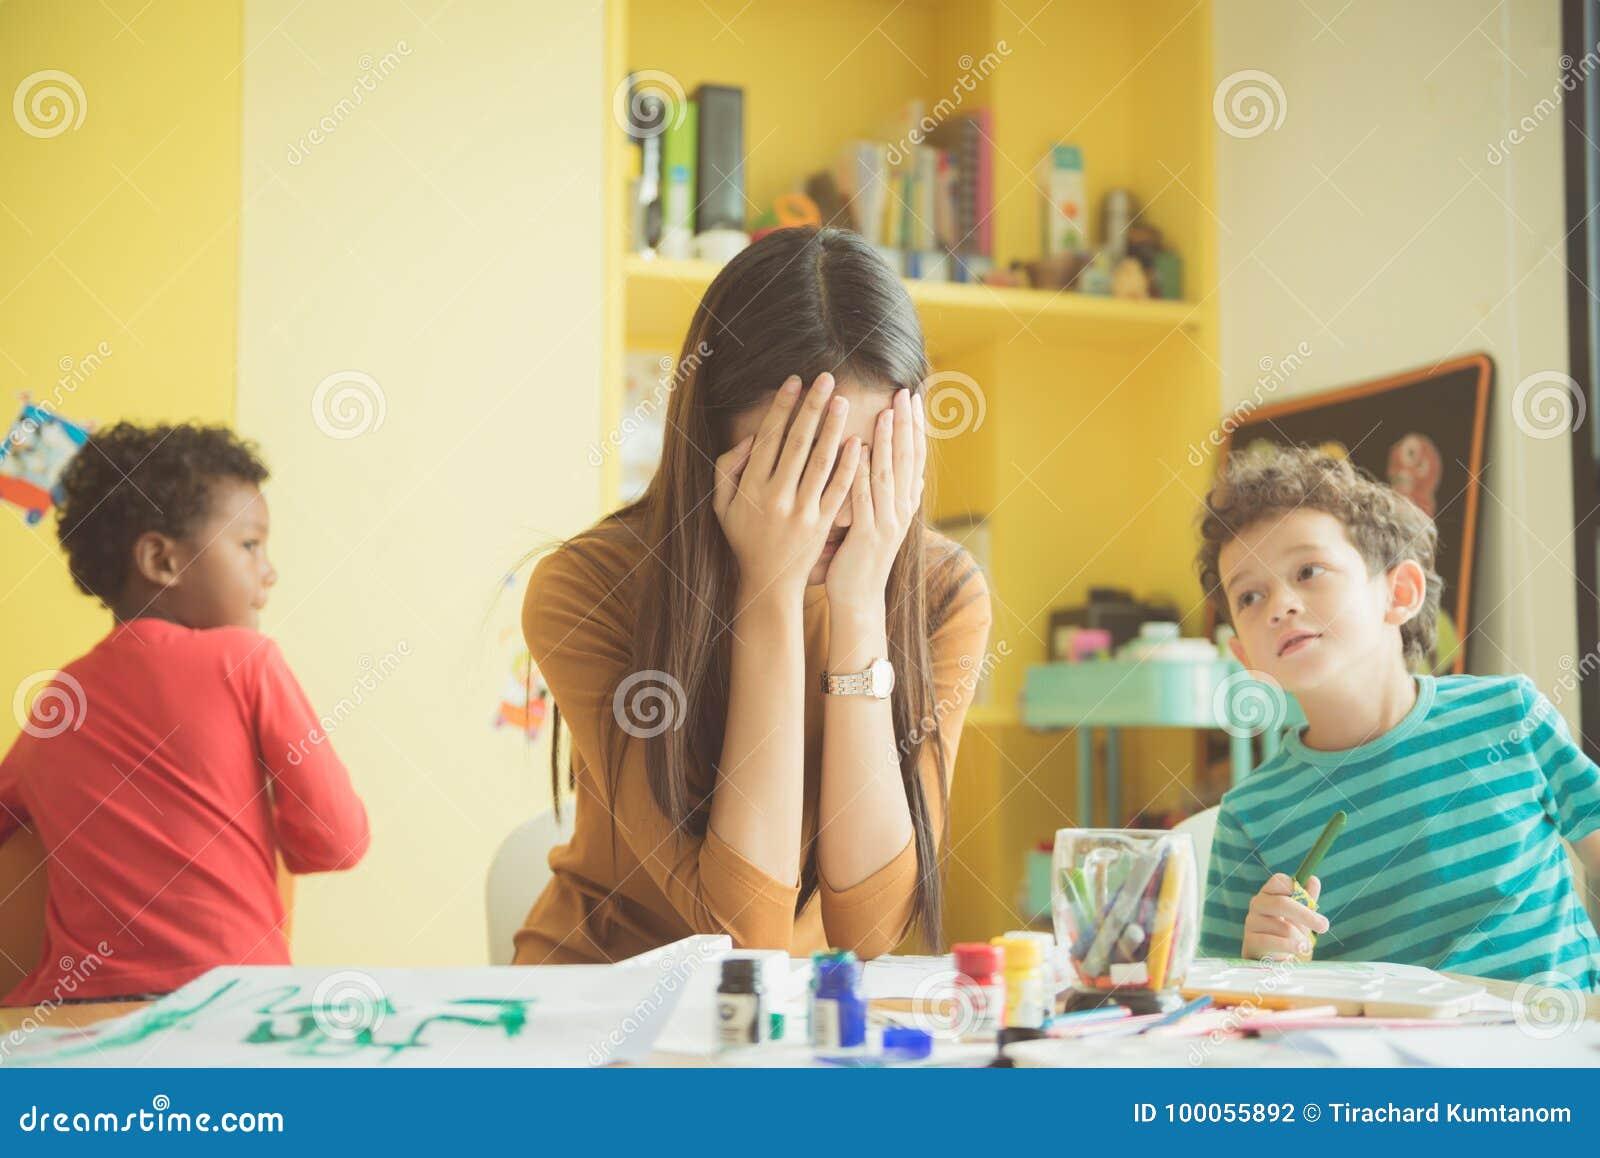 O jardim de infância asiático do professor entrega fechado ambas as orelhas dela em uma virada do não conte impertinente citado